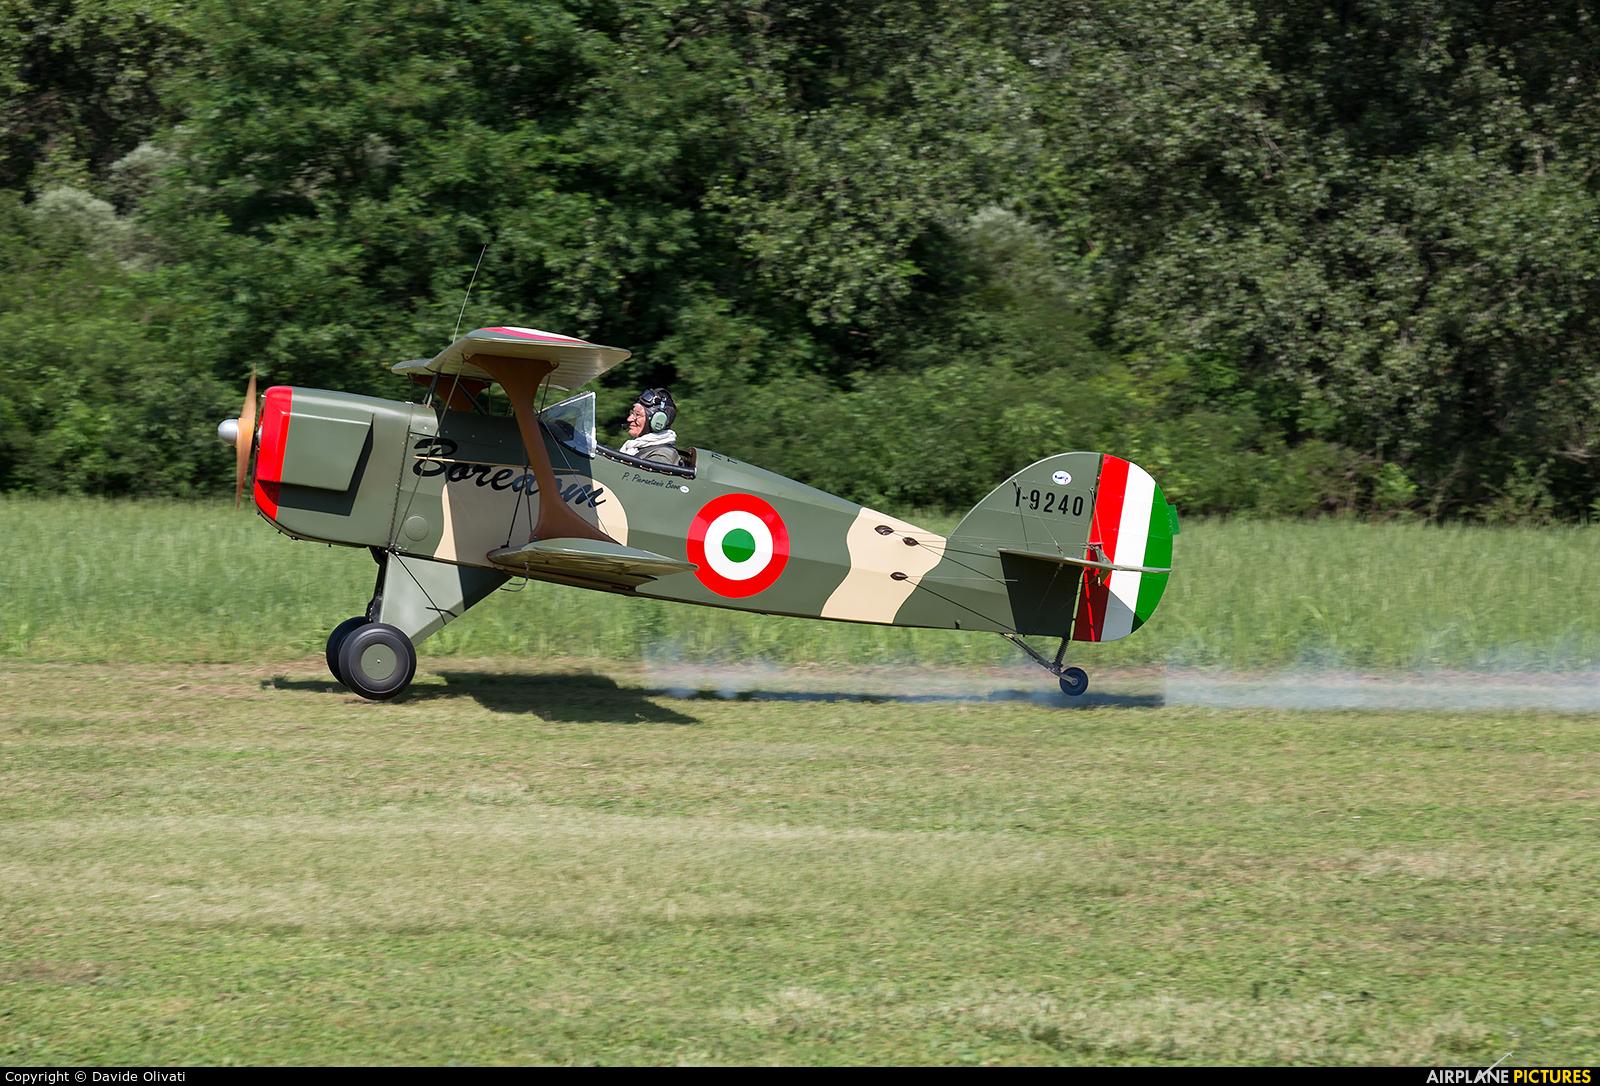 Private I-9240 aircraft at Nervesa della Battaglia